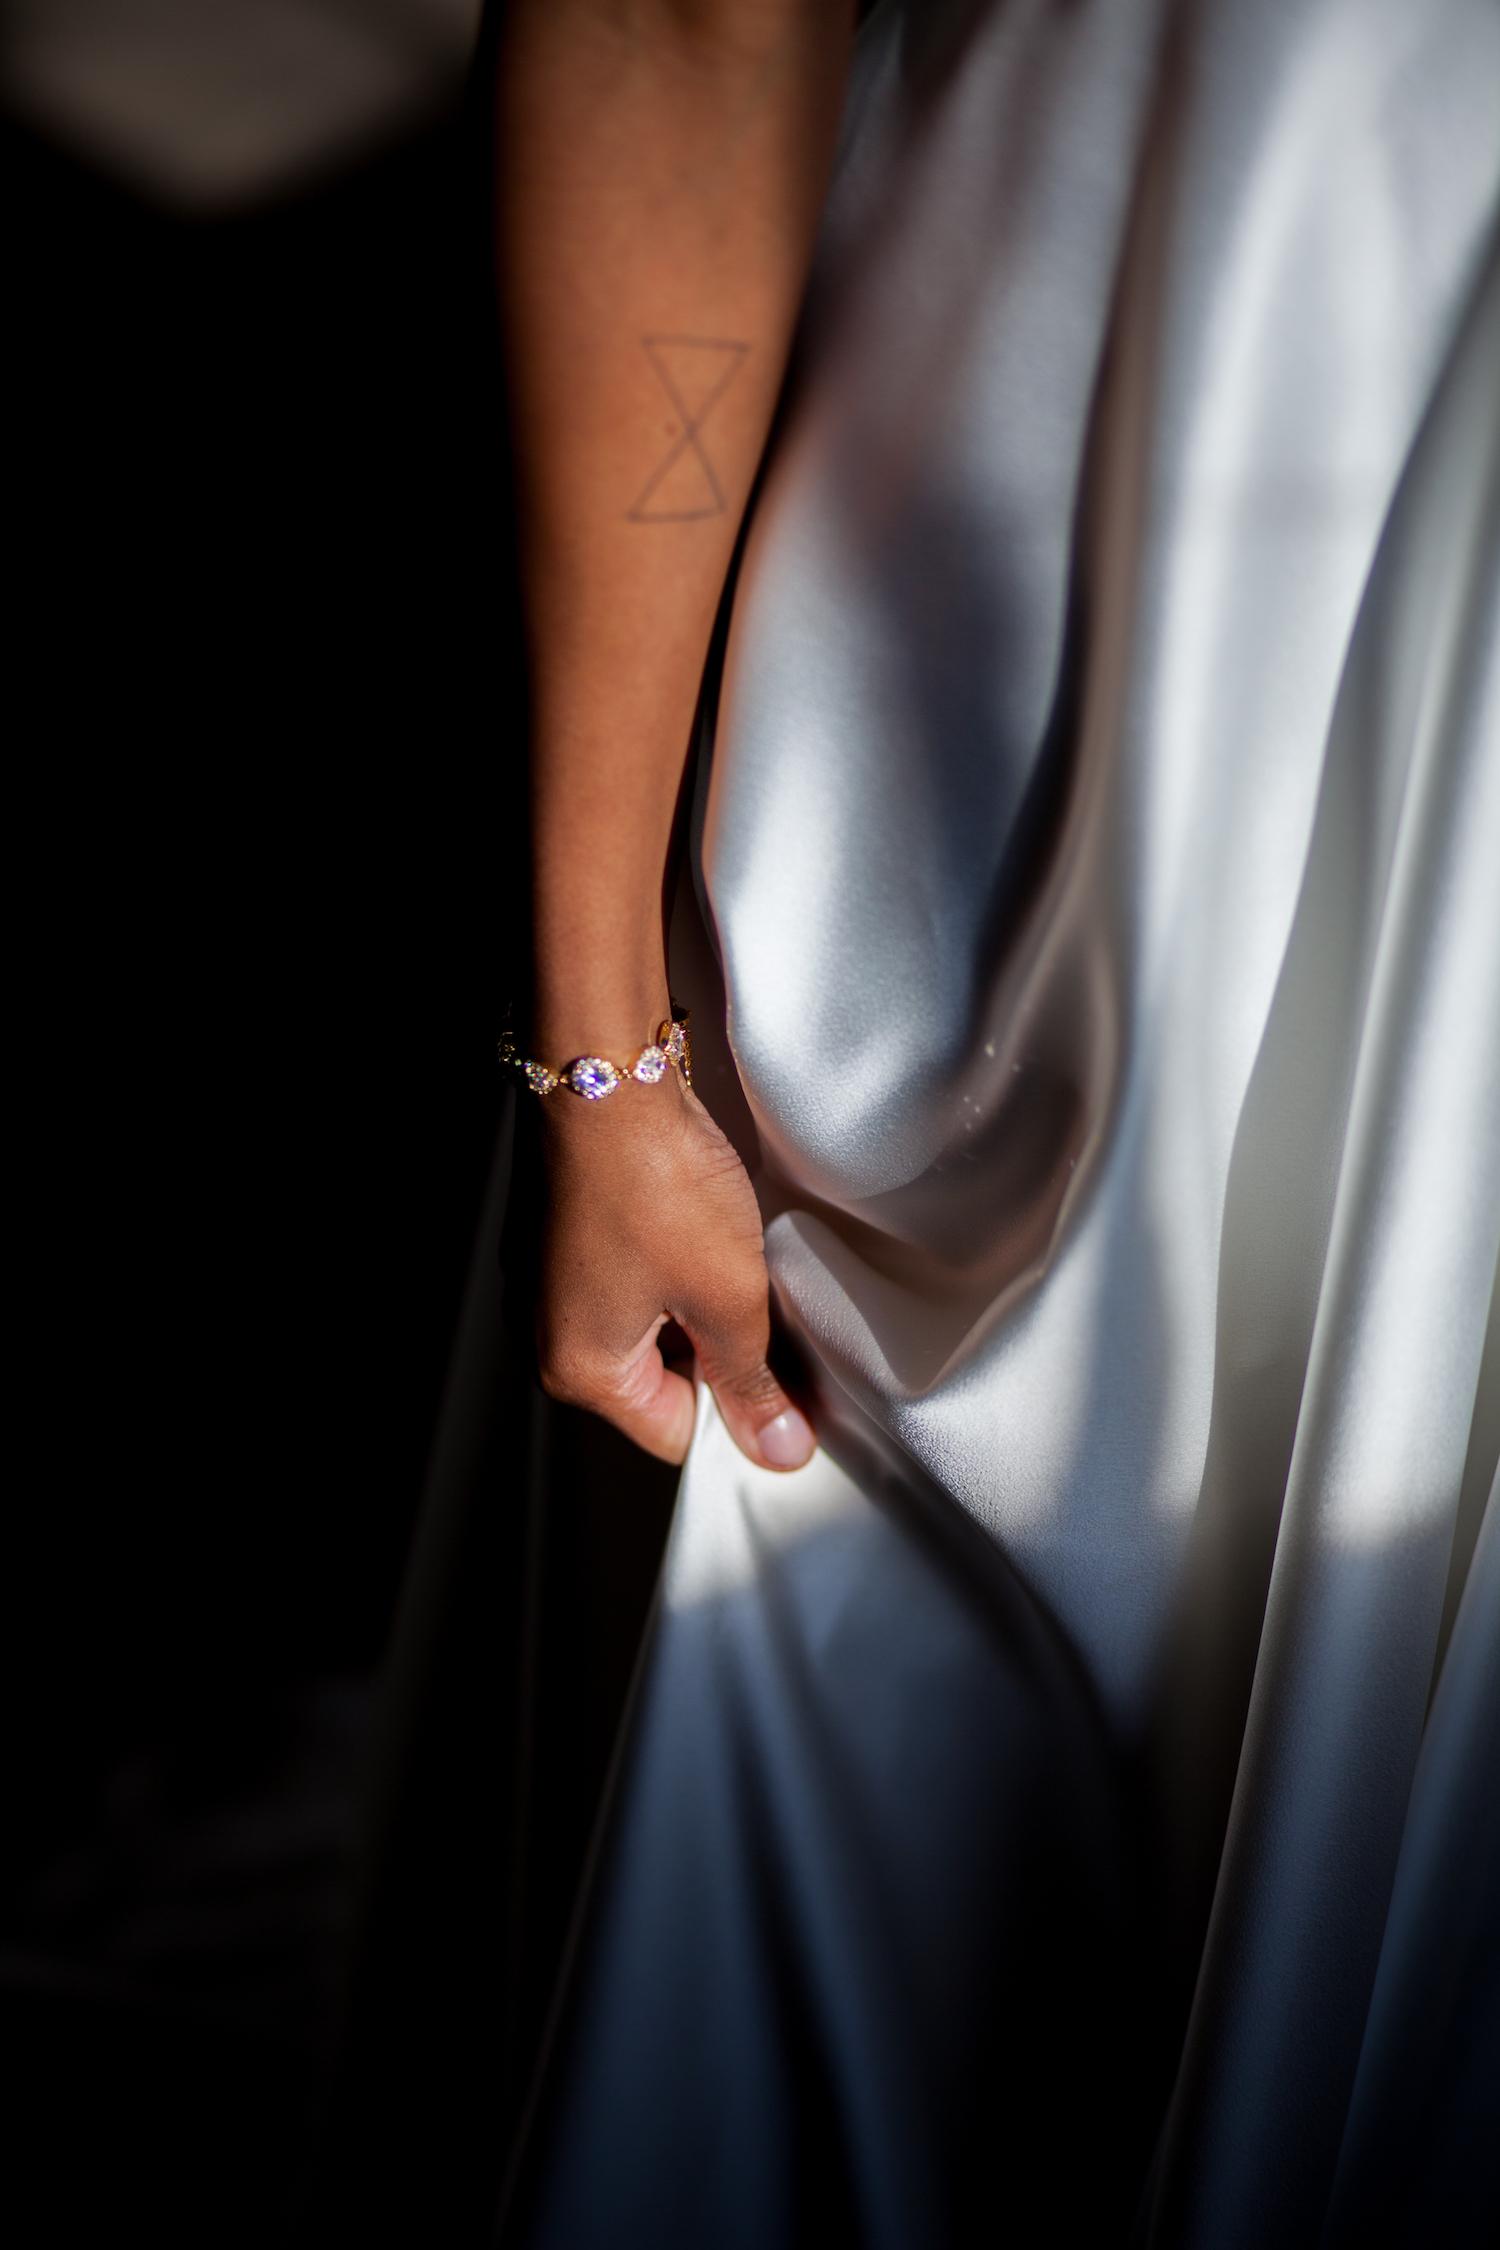 gouden bruidsarmband om pols van bruid